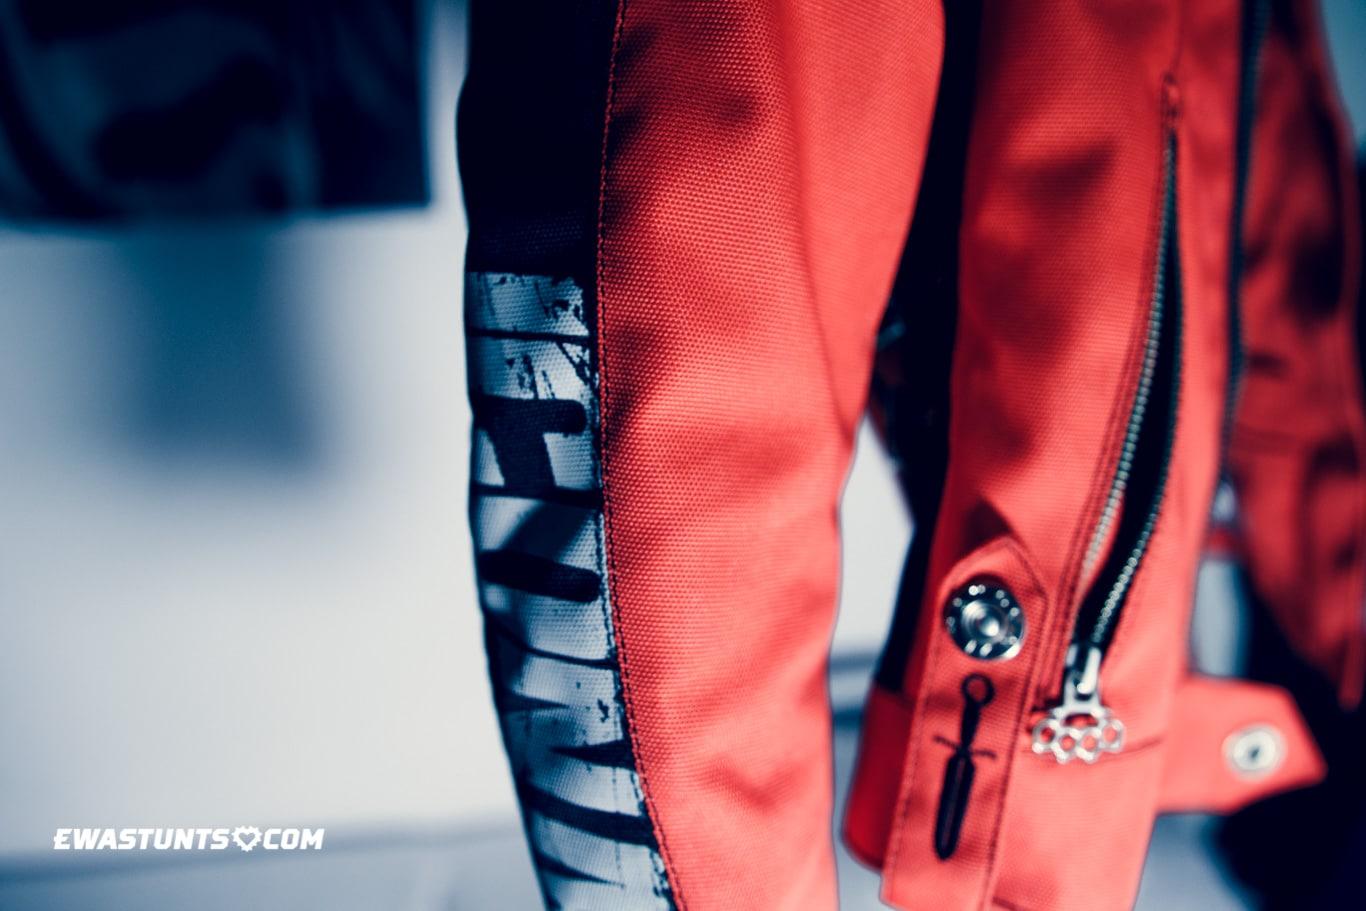 ewastunts_icon_jacket-39